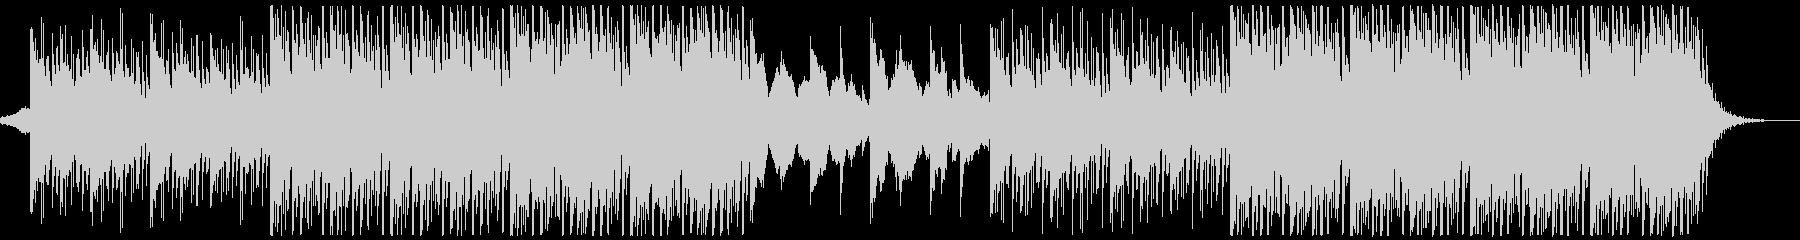 躍動感,オシャレCM、フルバージョンの未再生の波形